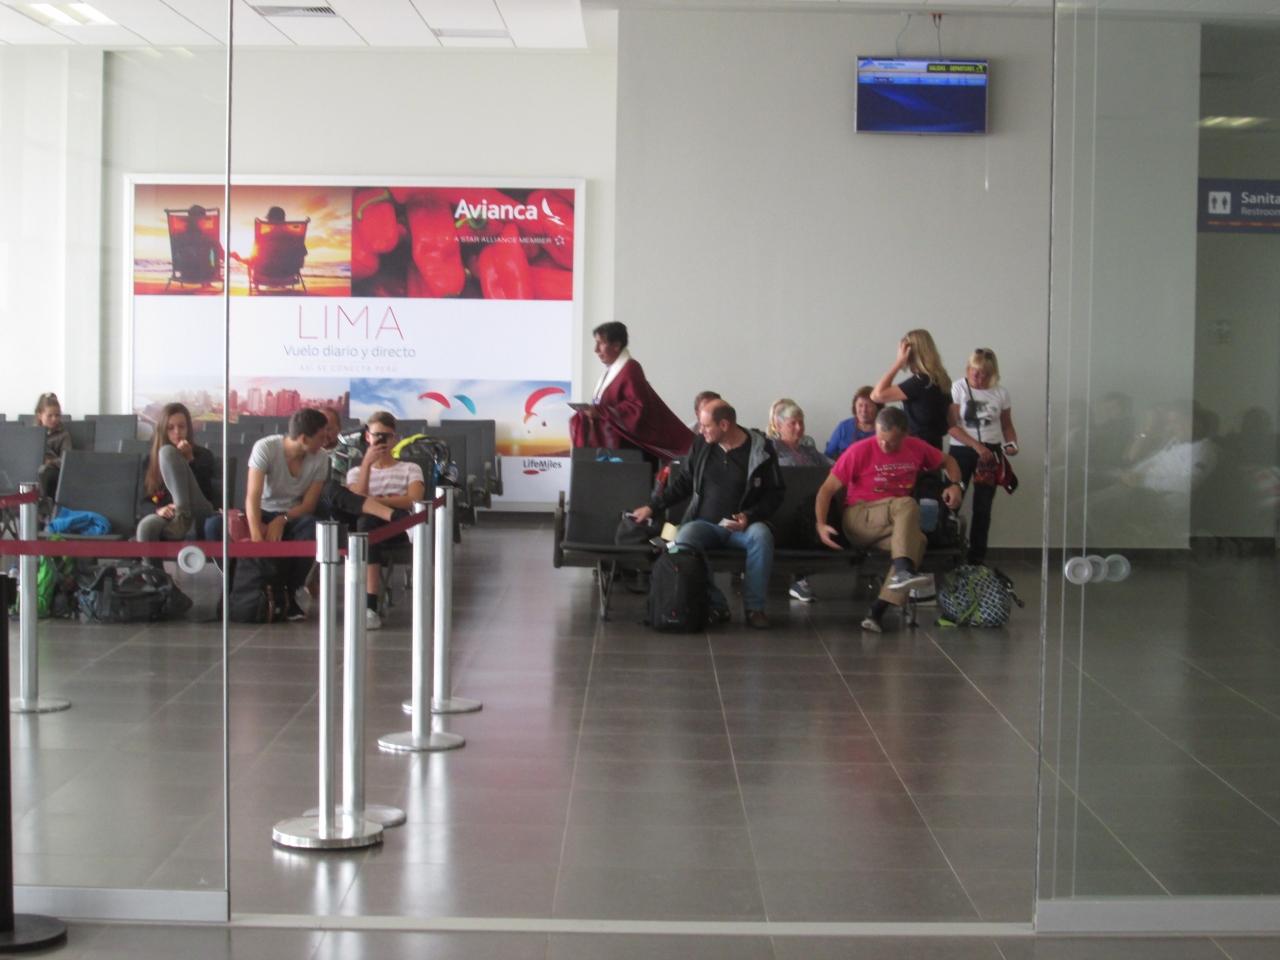 インカ・マンコ・カパック国際空港